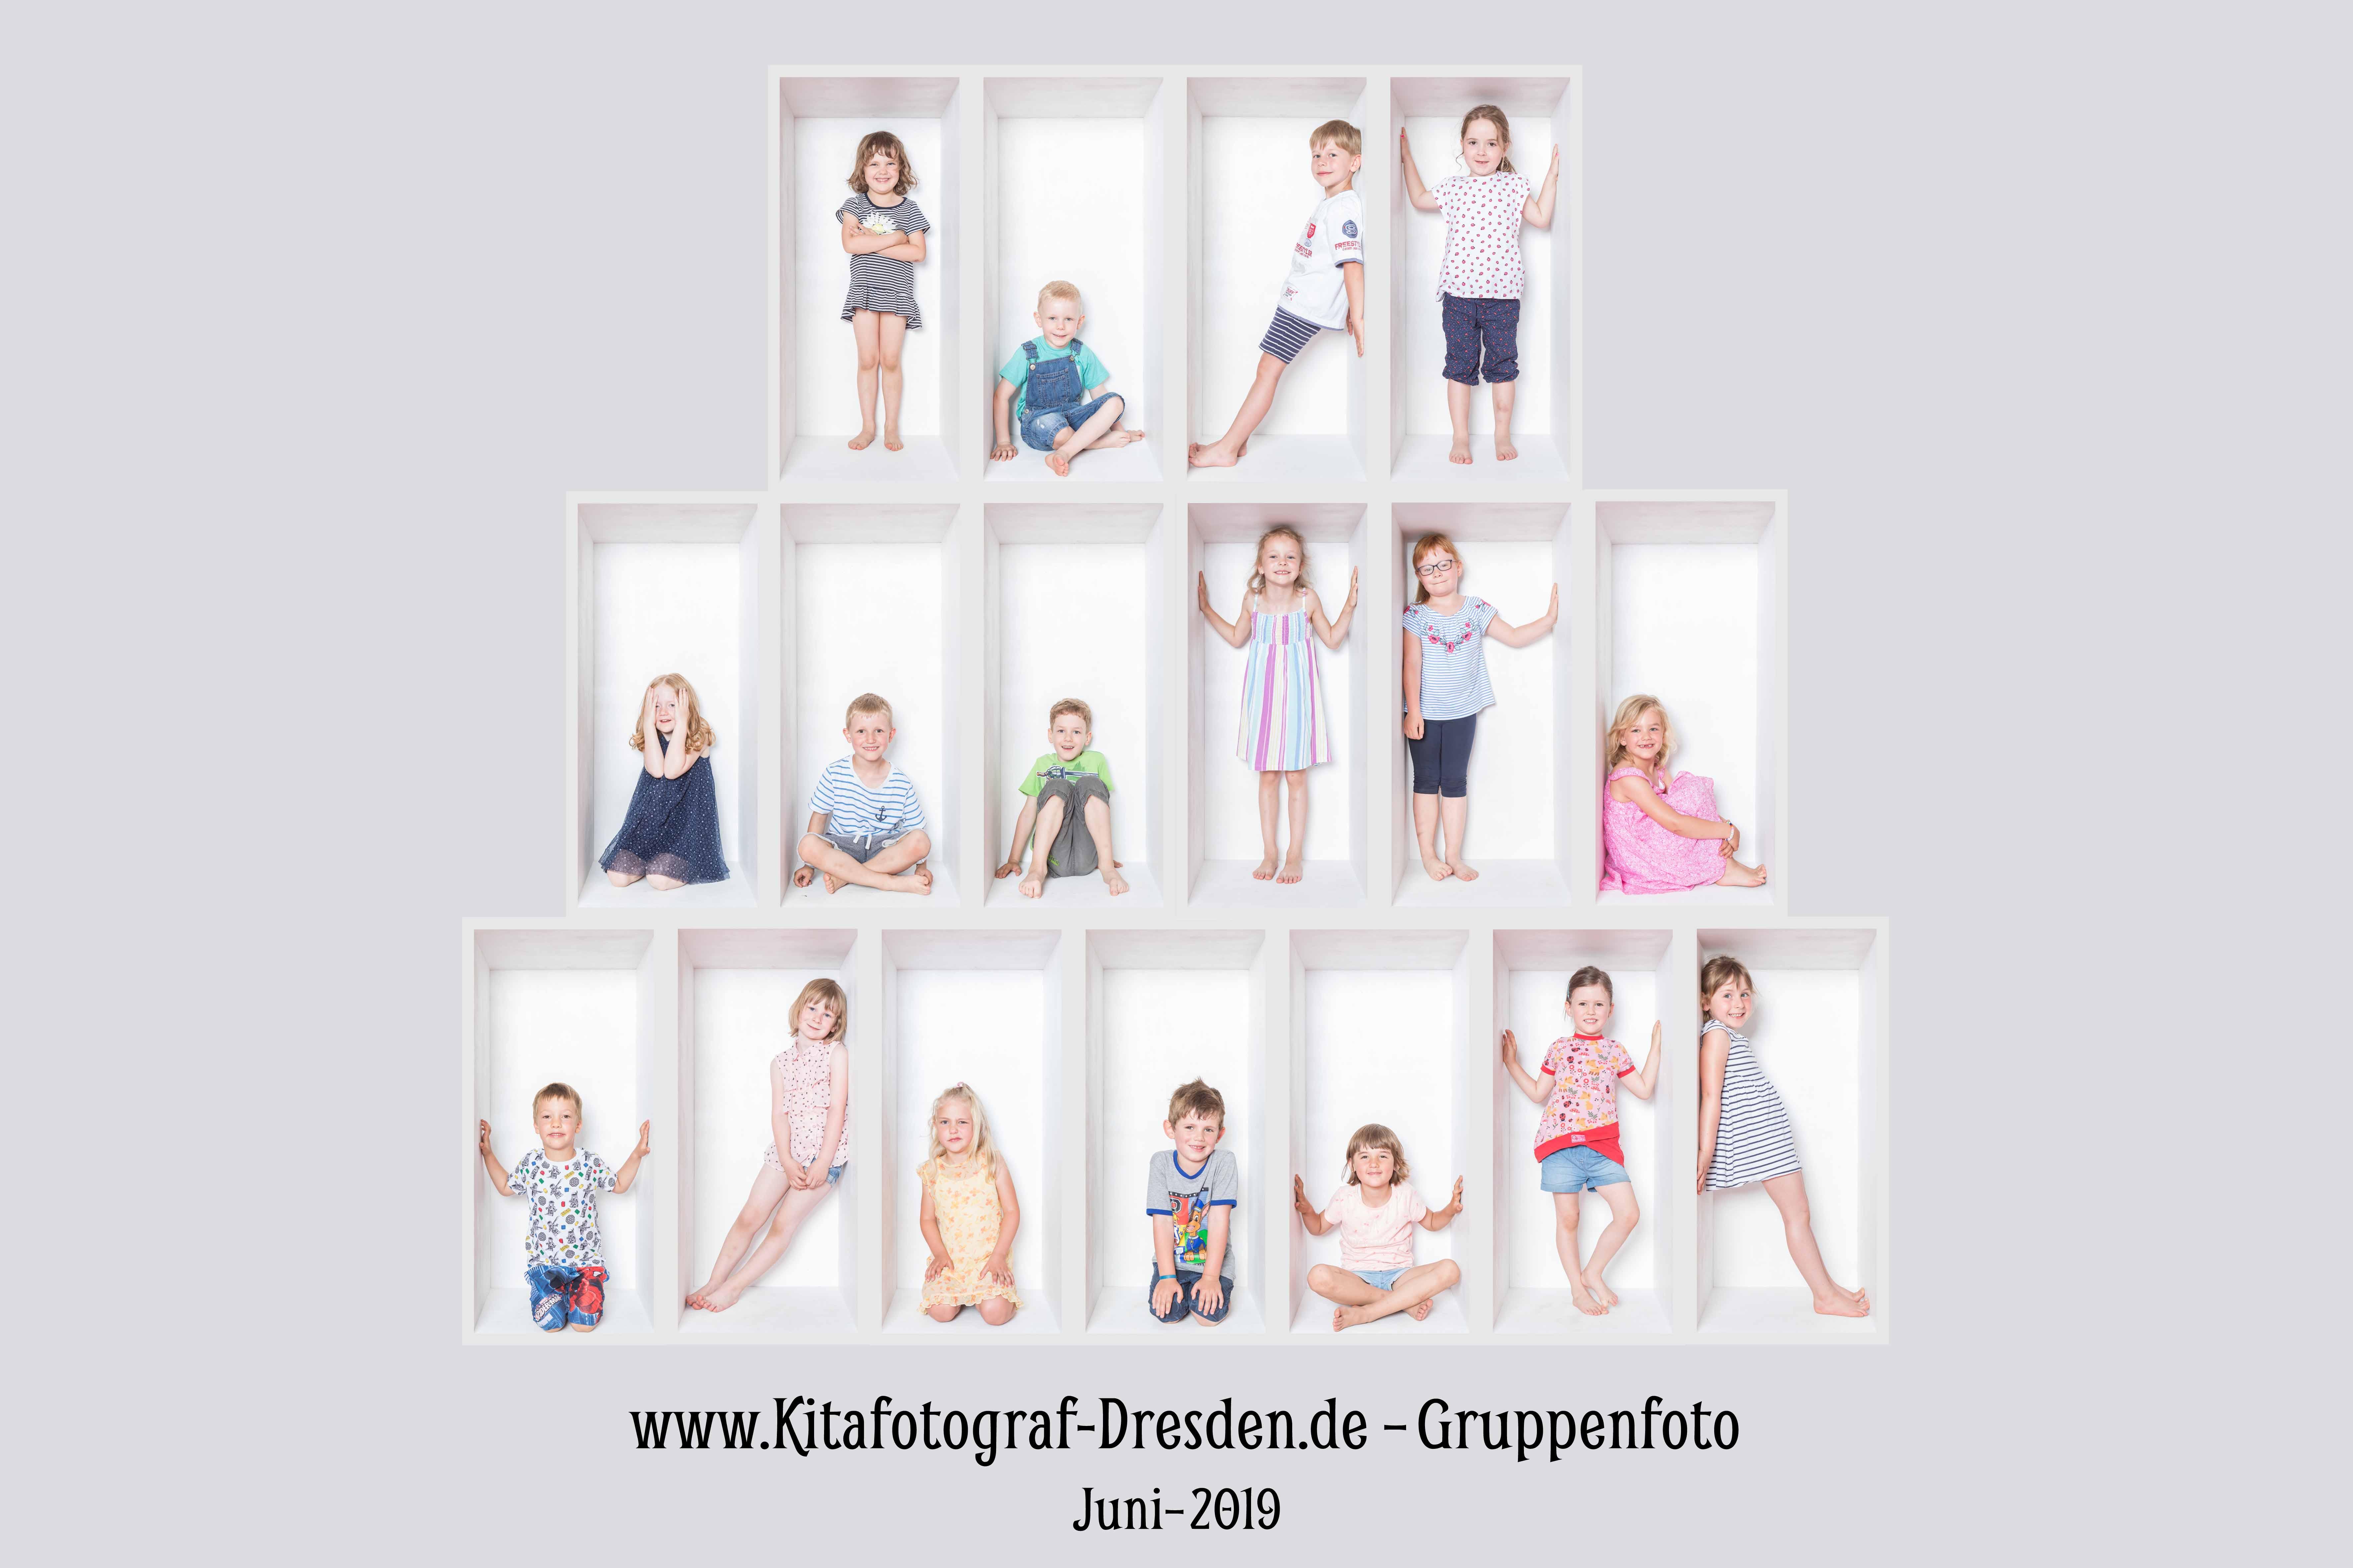 Gruppenfoto Kitabilder